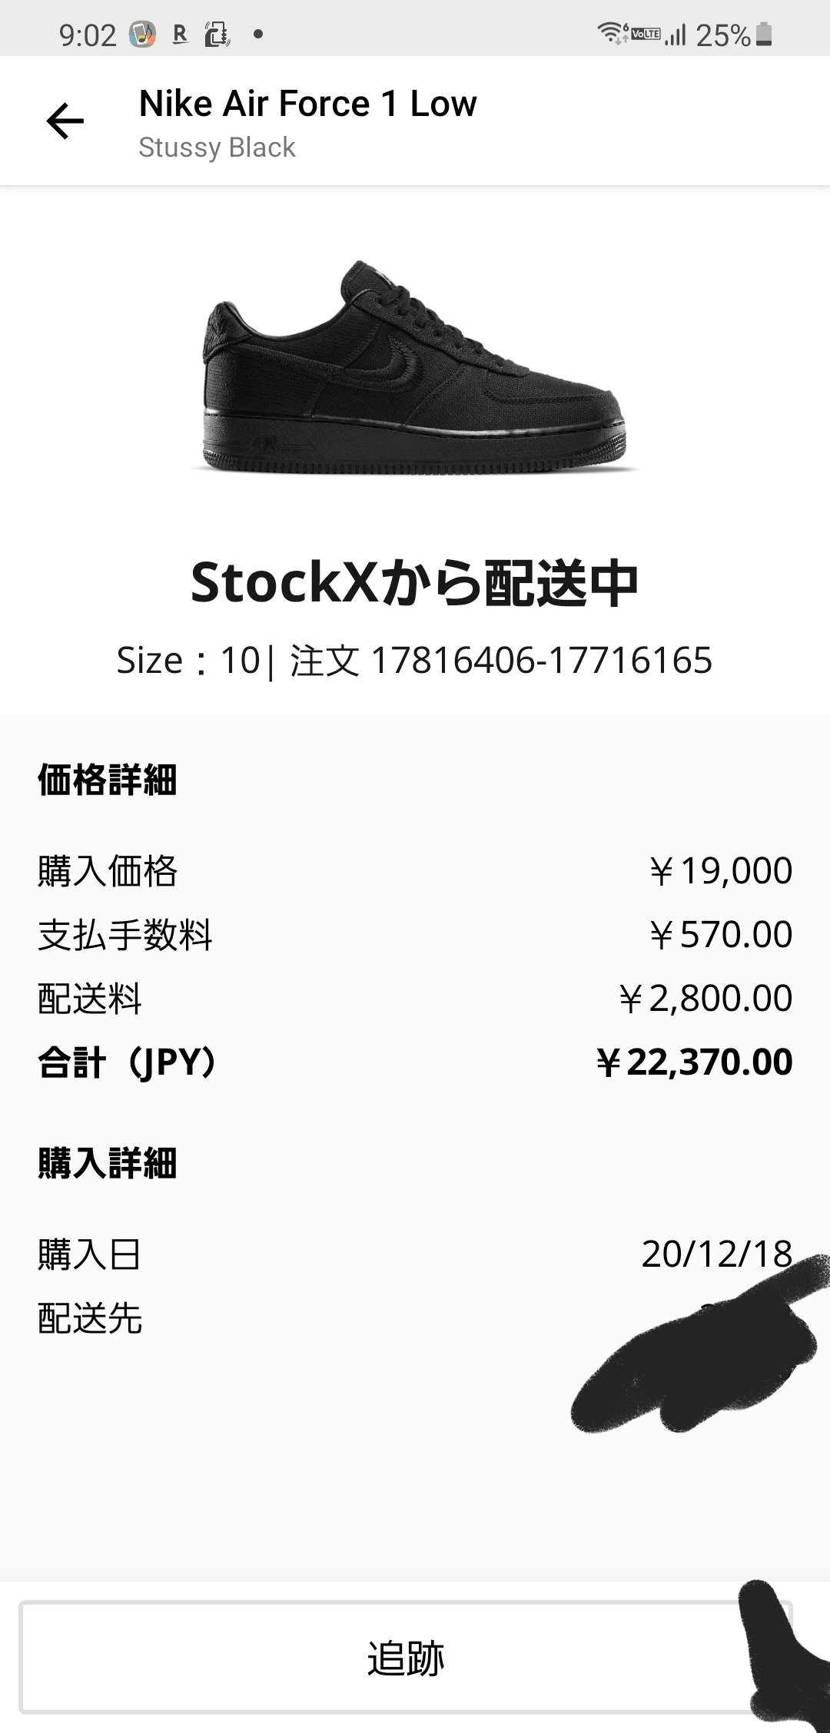 関税1900円でした、久しぶりに見たらまだ下がってて悲しみ